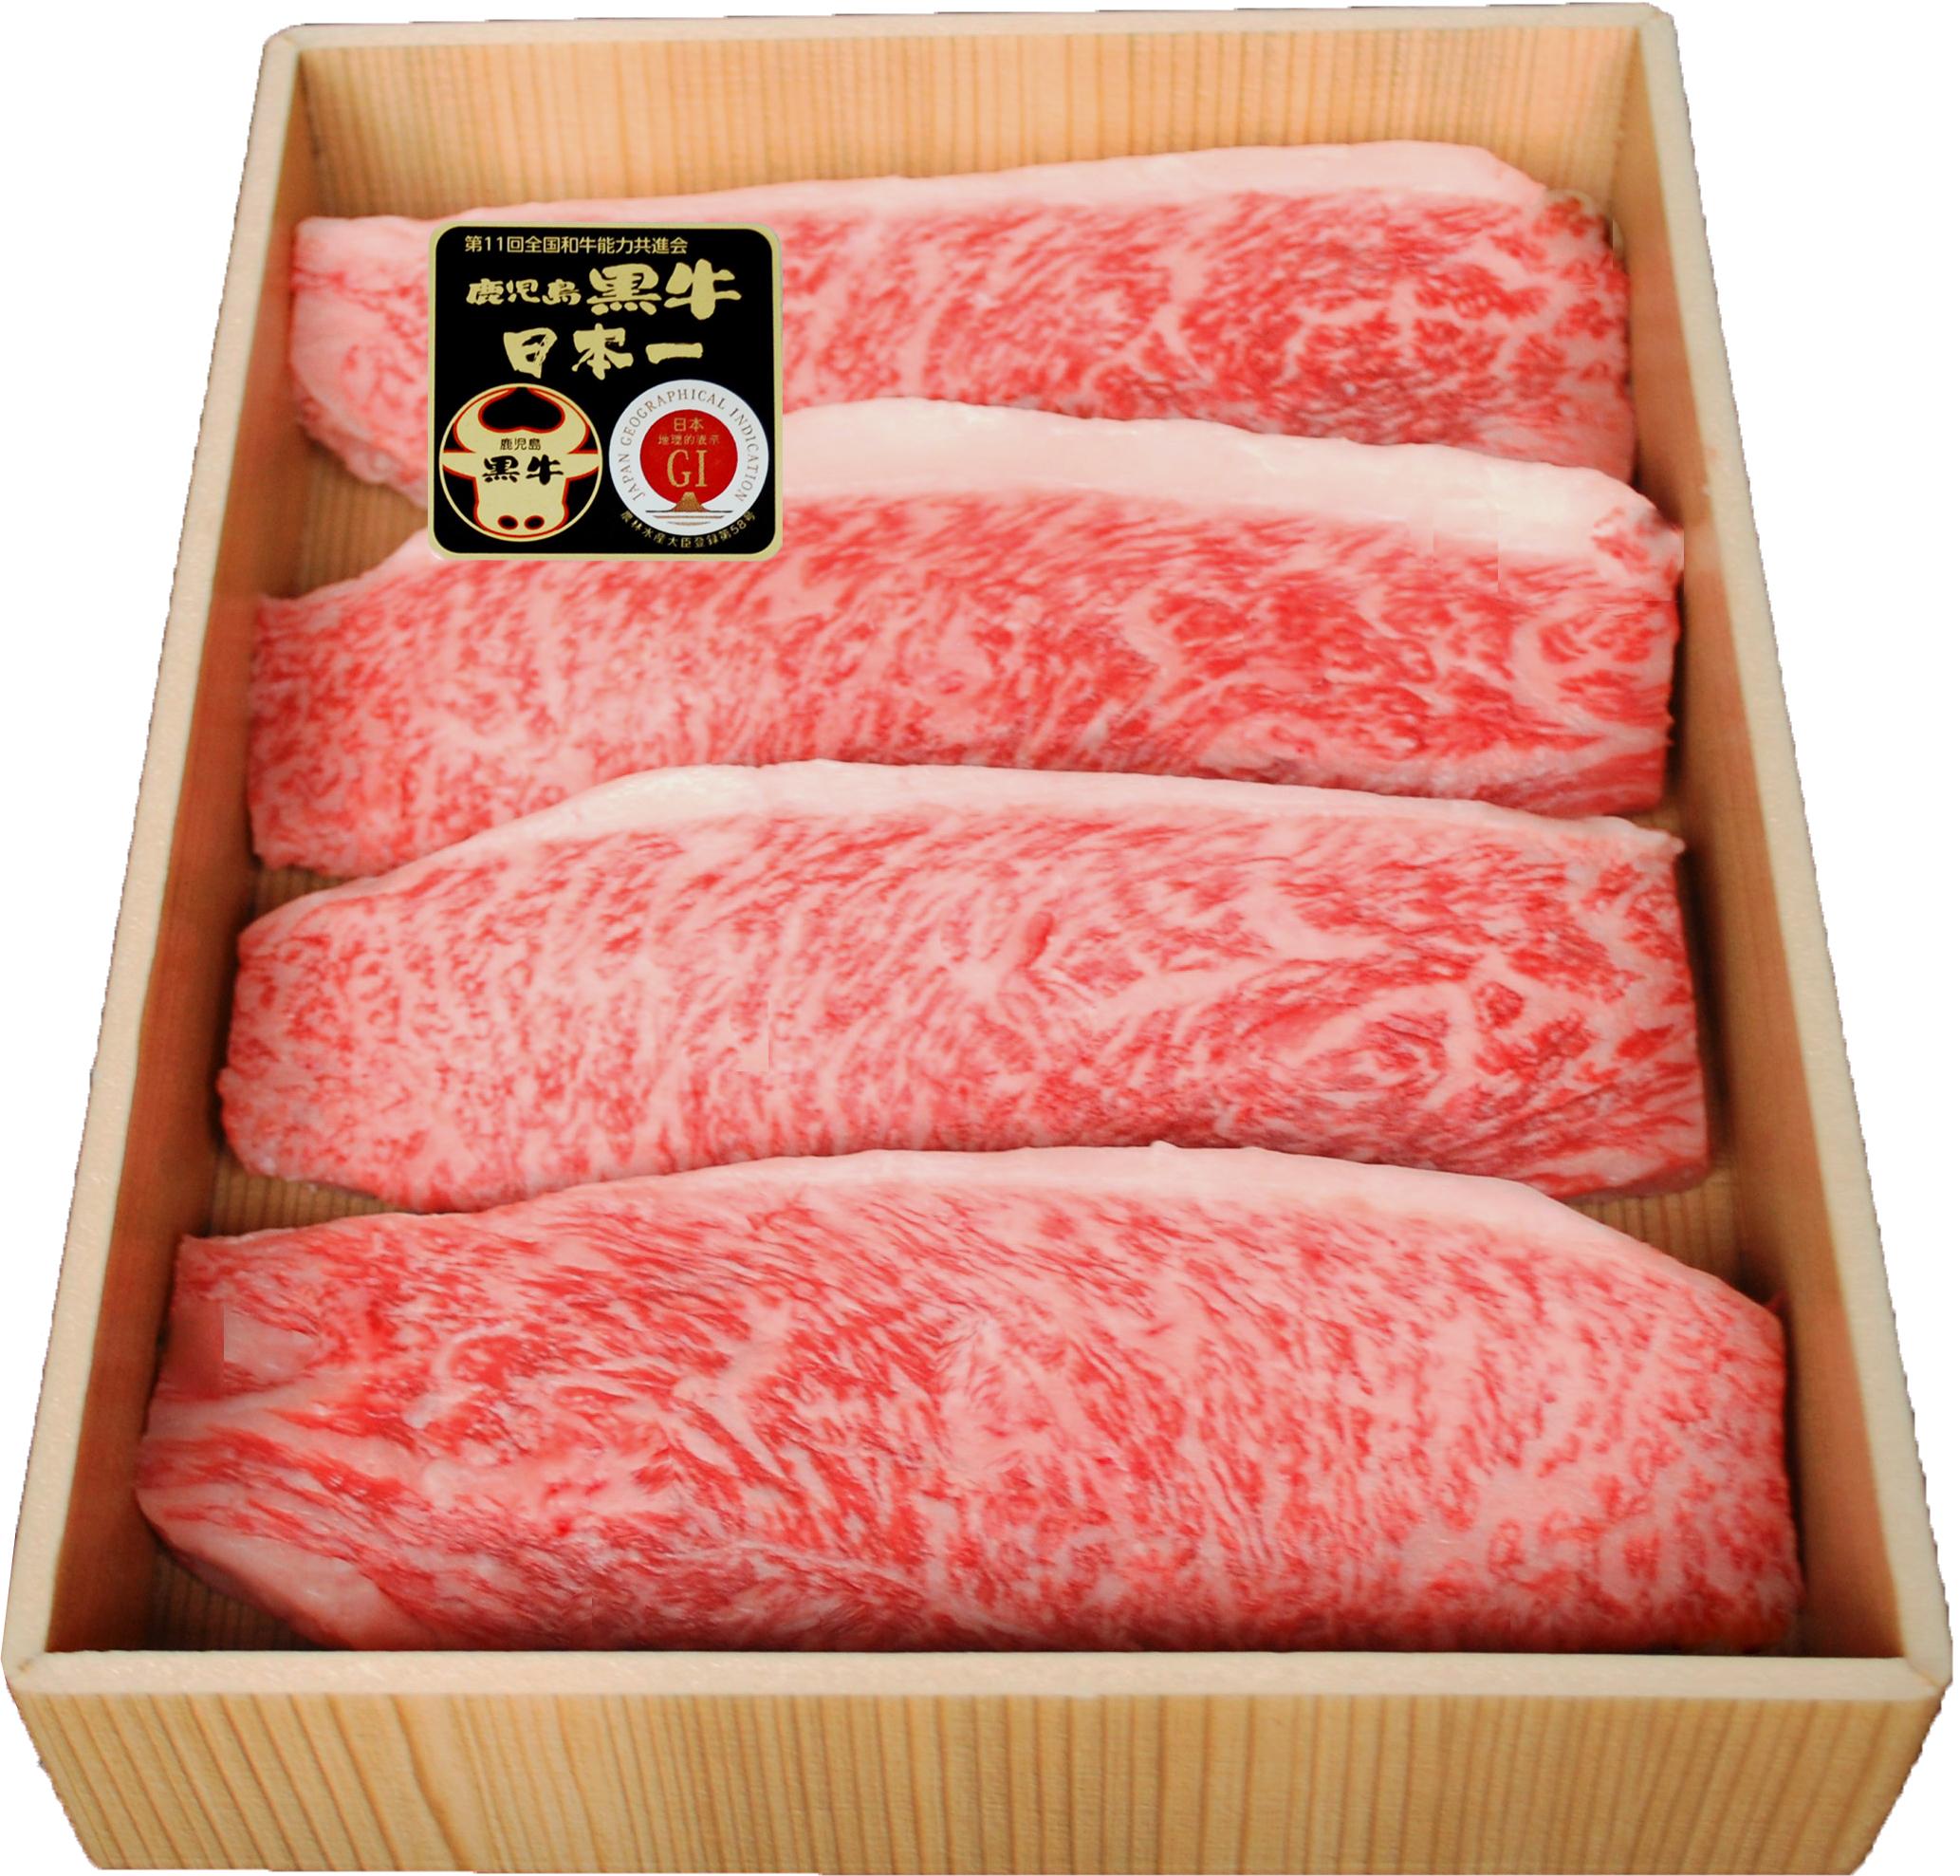 【鹿児島黒牛】ステーキ 4枚(170g×4=680g)